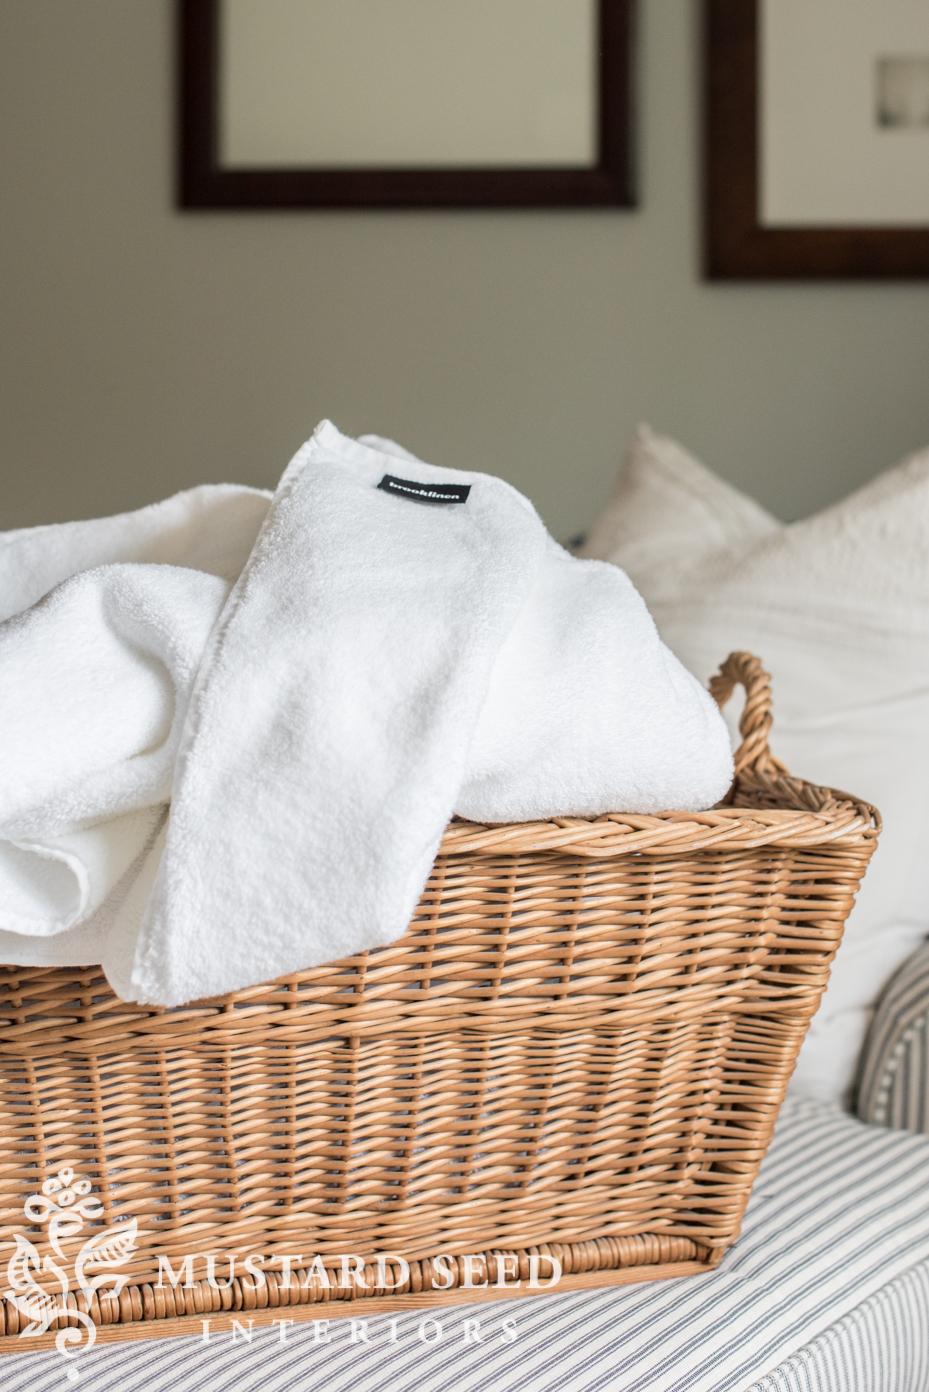 brooklinen bath towels   miss mustard seed